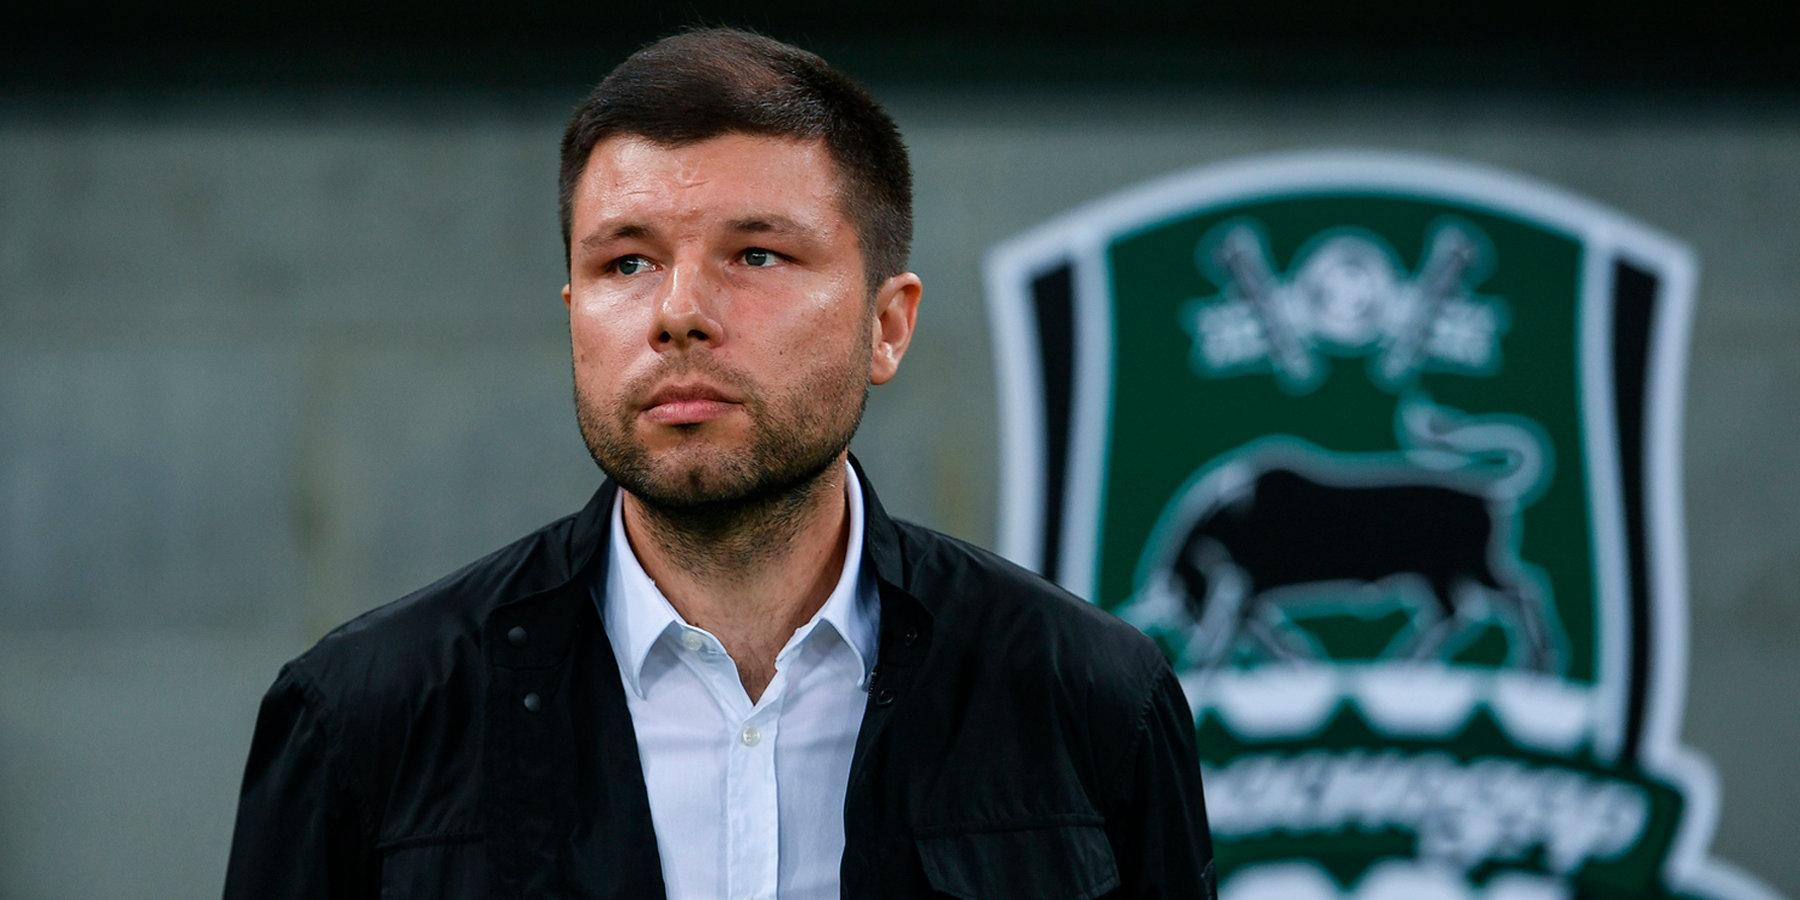 Мурад Мусаев: «Краснодар» не выиграл ни одного матча у команд из первой пятерки? Так сложилось»